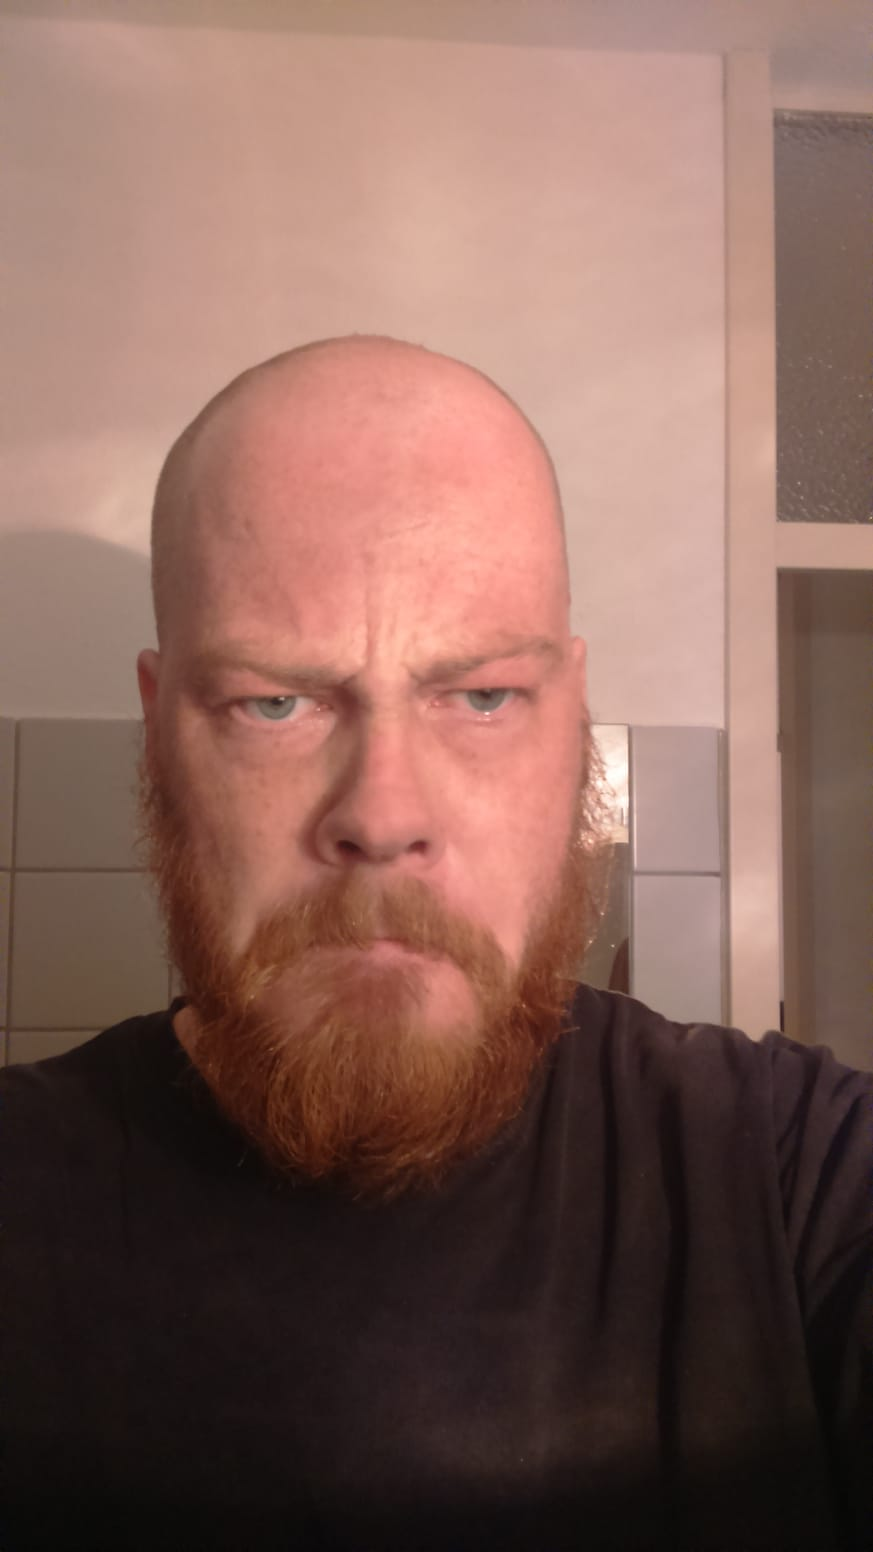 Kaal en boos :7